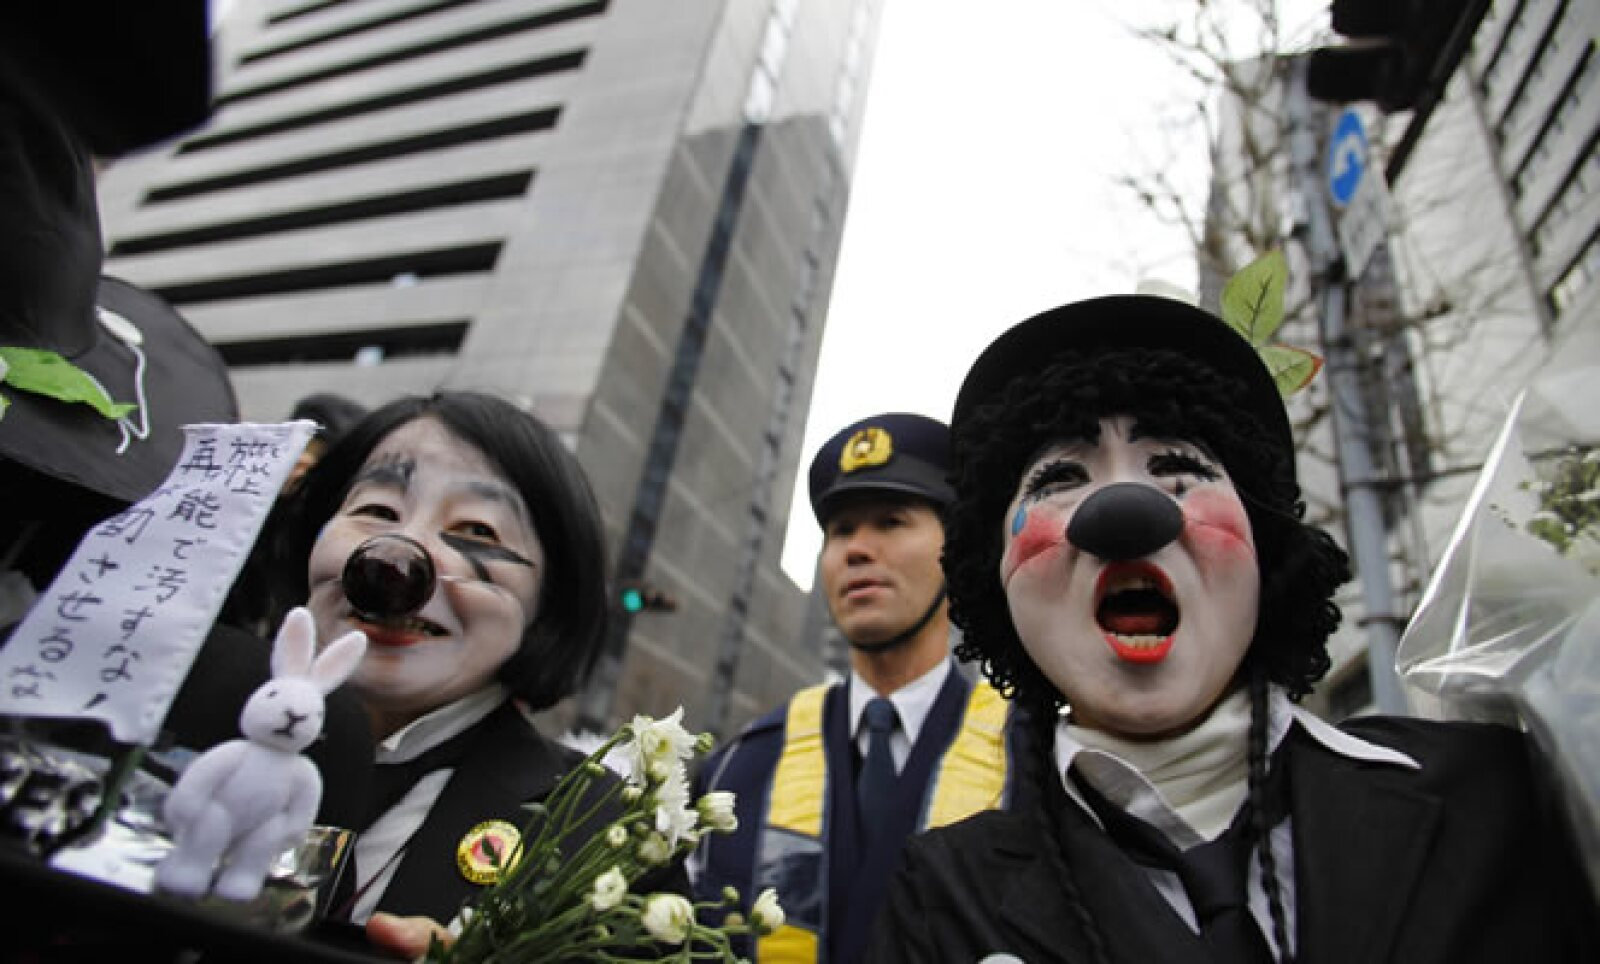 Personas disfrazadas lanzaron consignas afuera de la firma Tokyo Electric Power (TEPCO) durante una manifestación antinuclear.